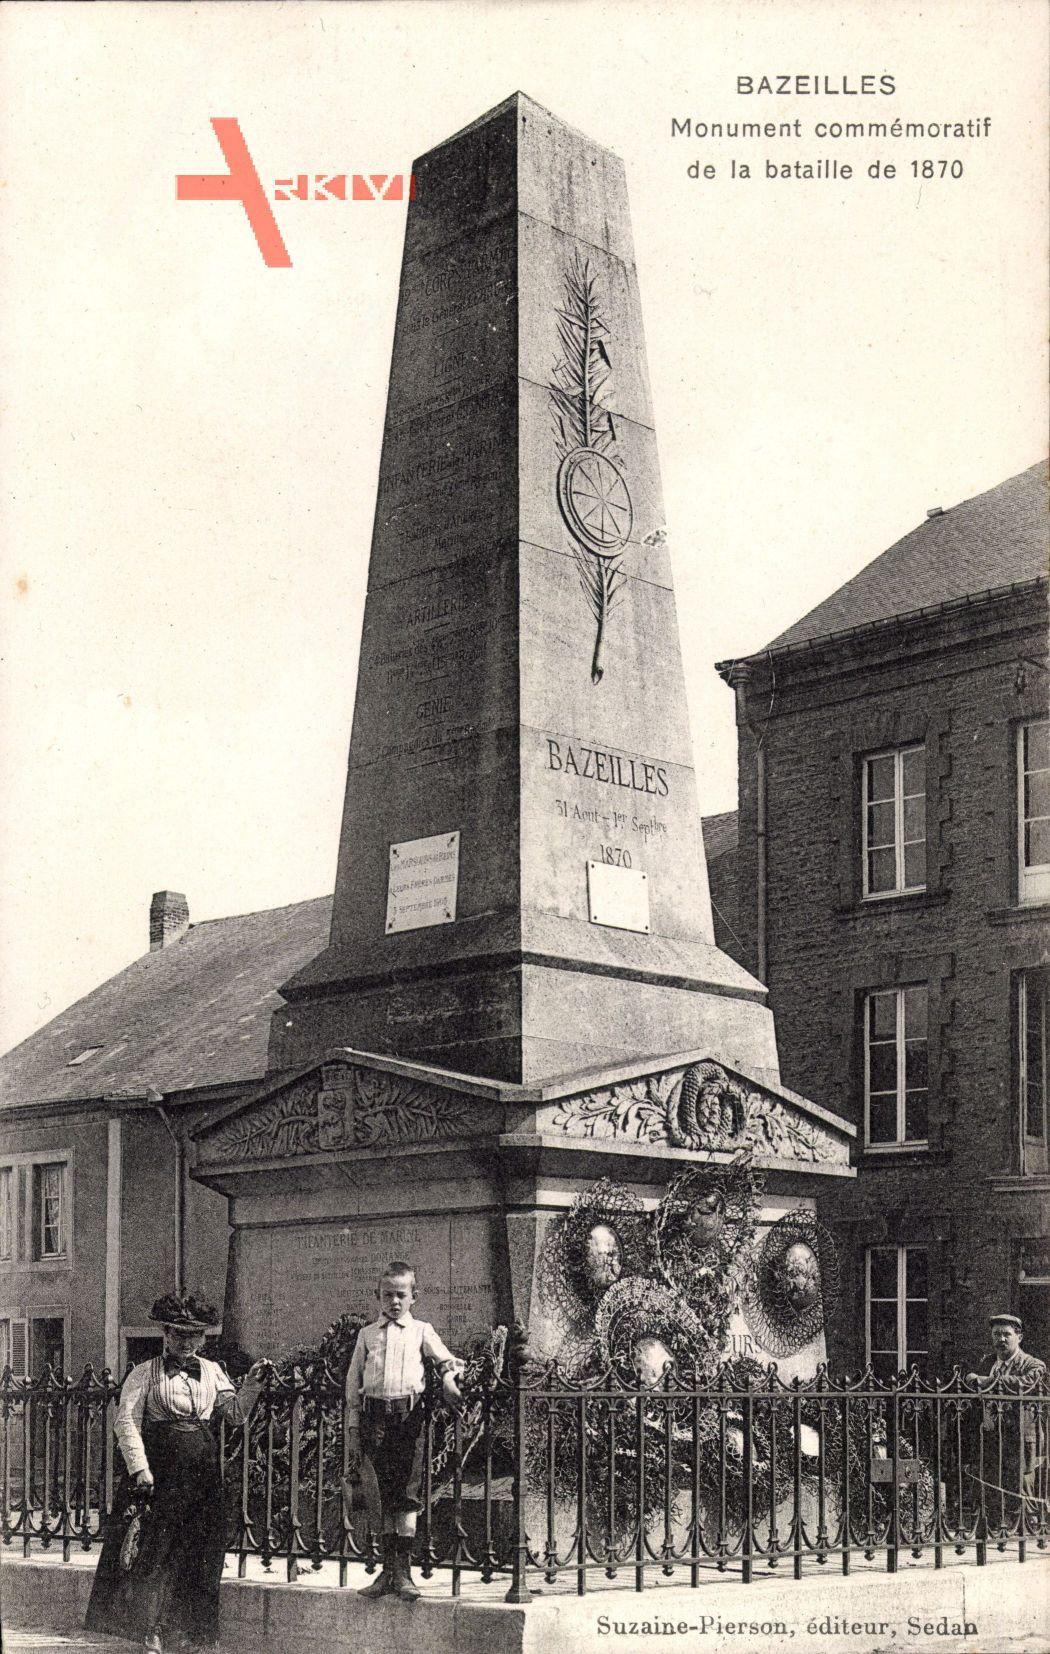 Bazeilles Ardennes, Monument commémoratif de la bataille de 1870